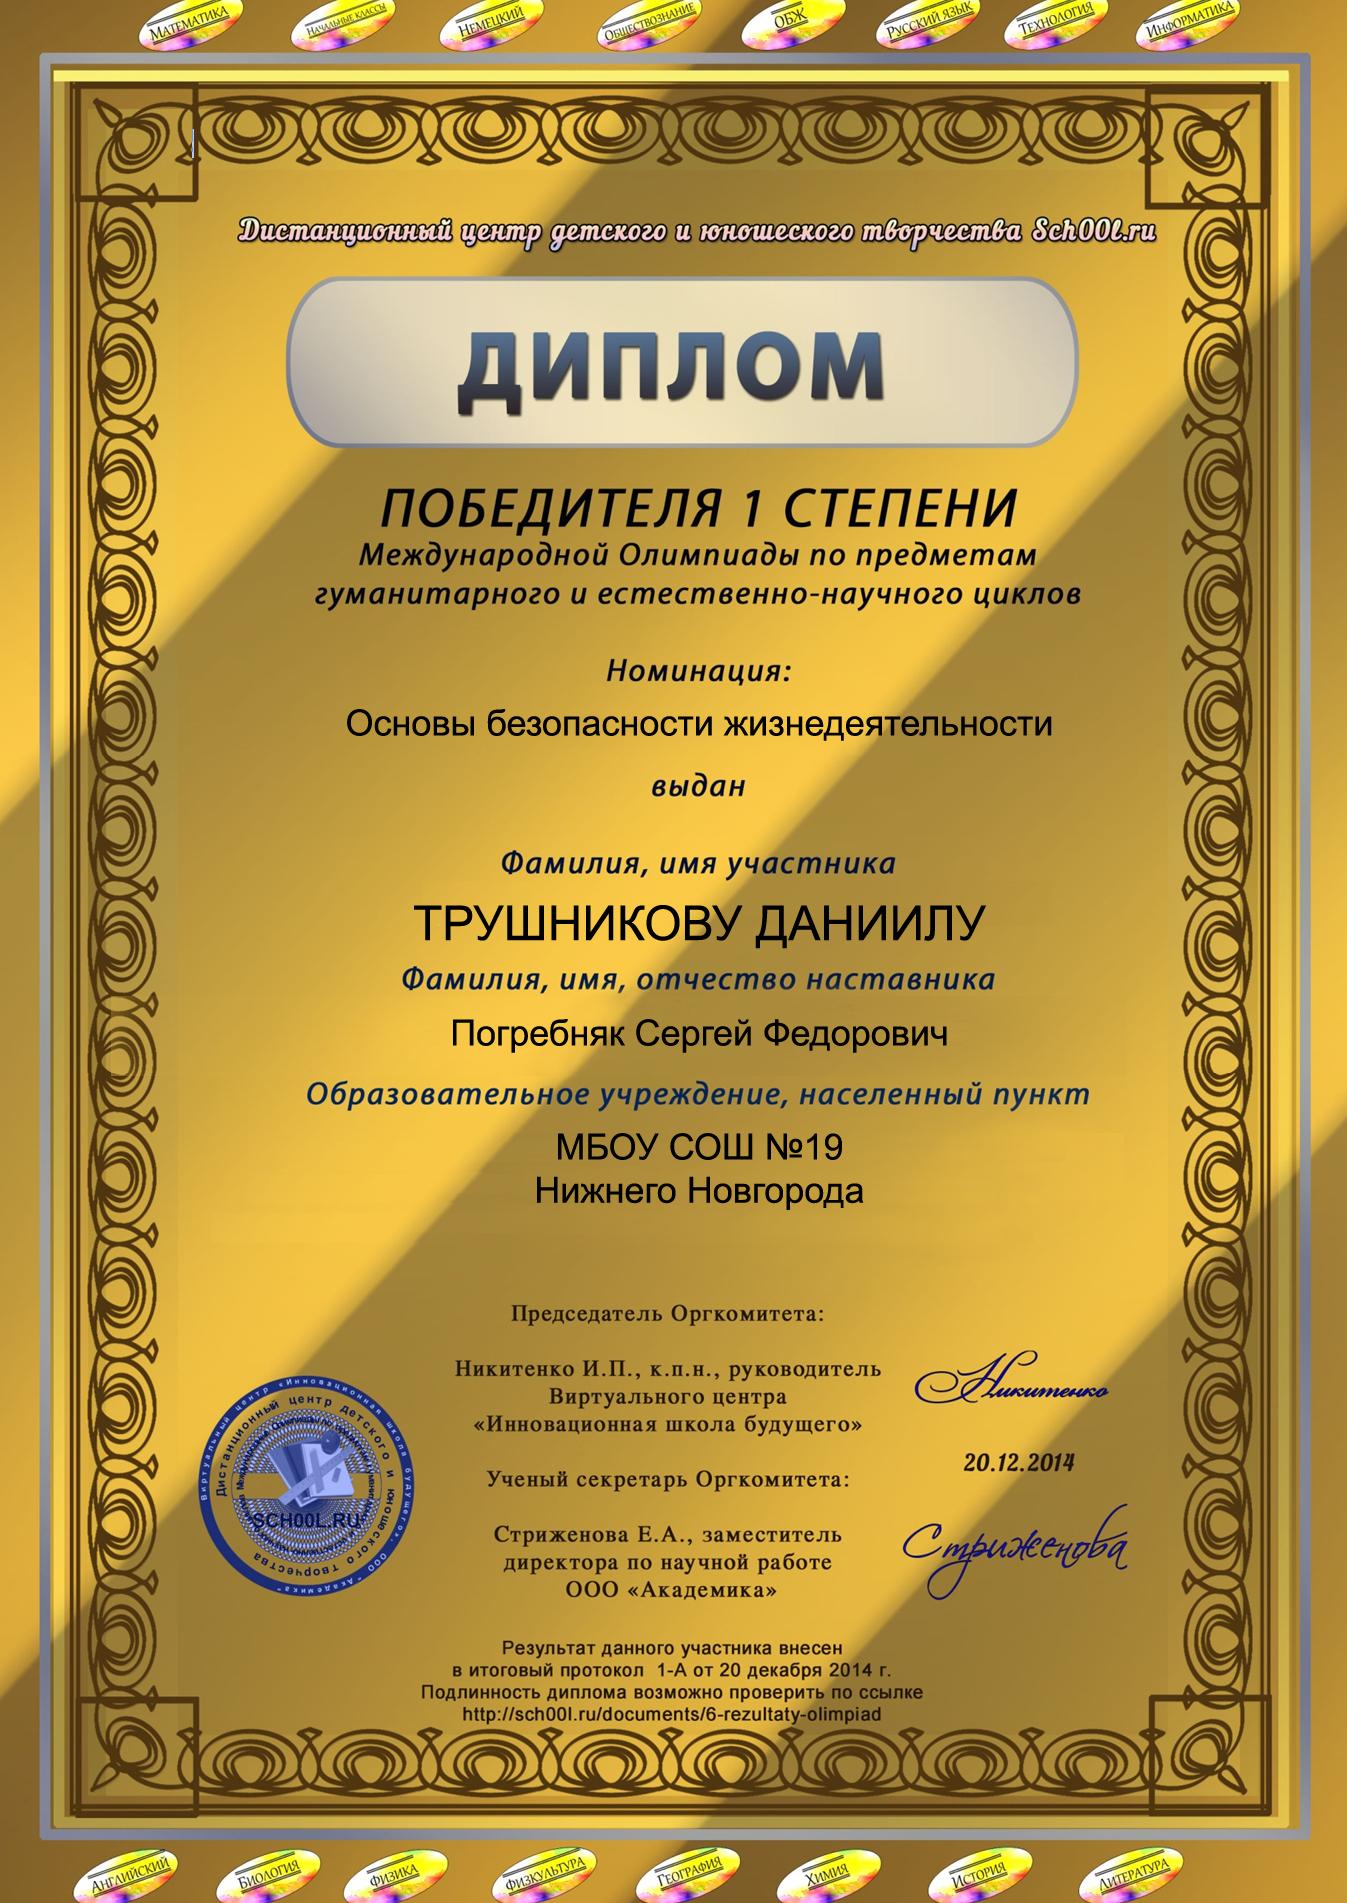 ТРУШНИКОВ_ОЛИМПИАДА.jpg